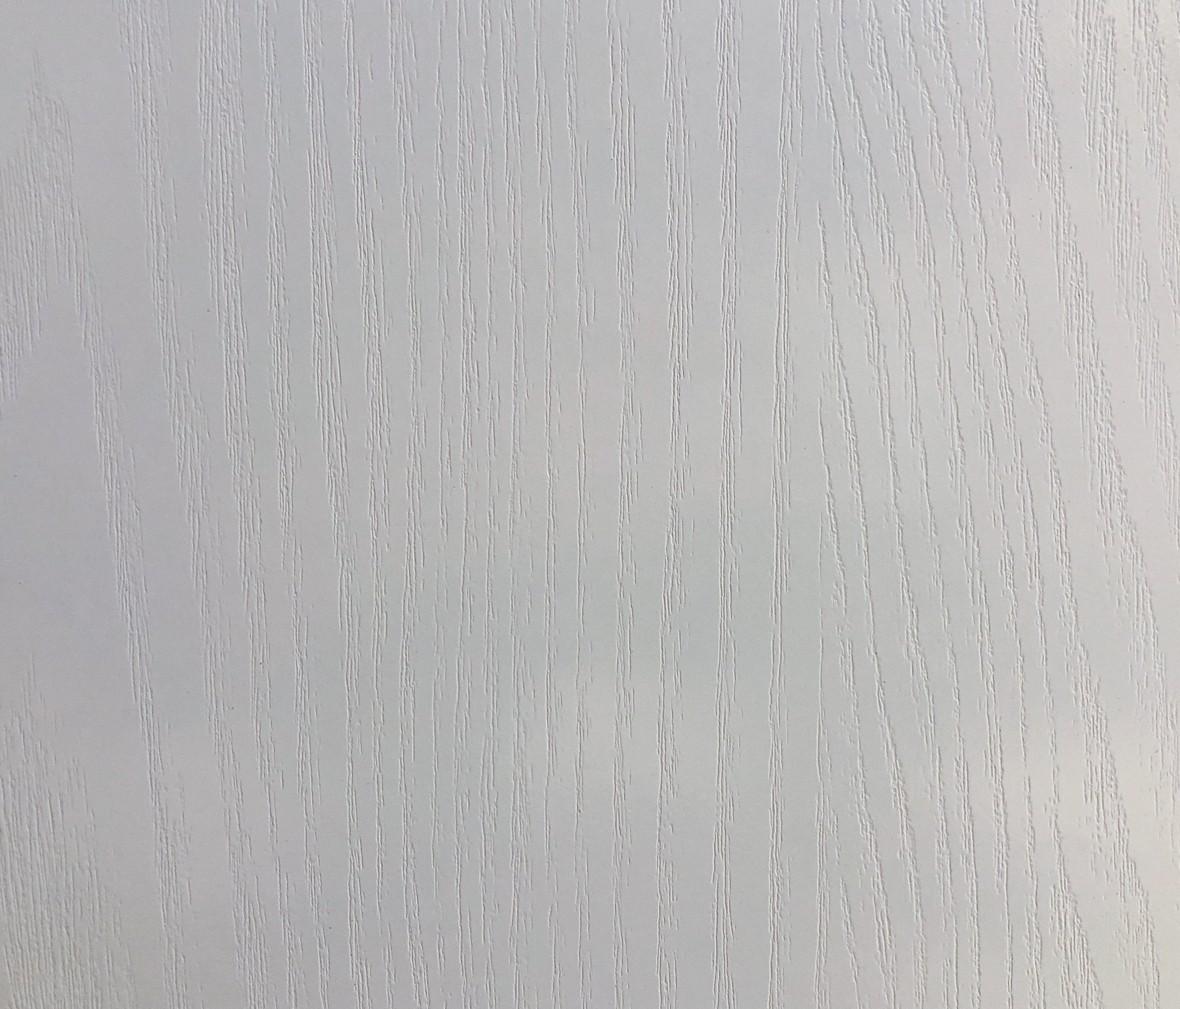 索菲亚家居 特价九平米定制衣柜套餐 板材材质简约风格卧室家具 图片、价格、品牌、评测样样齐全!【蓝景商城正品行货,蓝景丽家大钟寺家居广场提货,北京地区配送,领券更优惠,线上线下同品同价,立即购买享受更多优惠哦!】